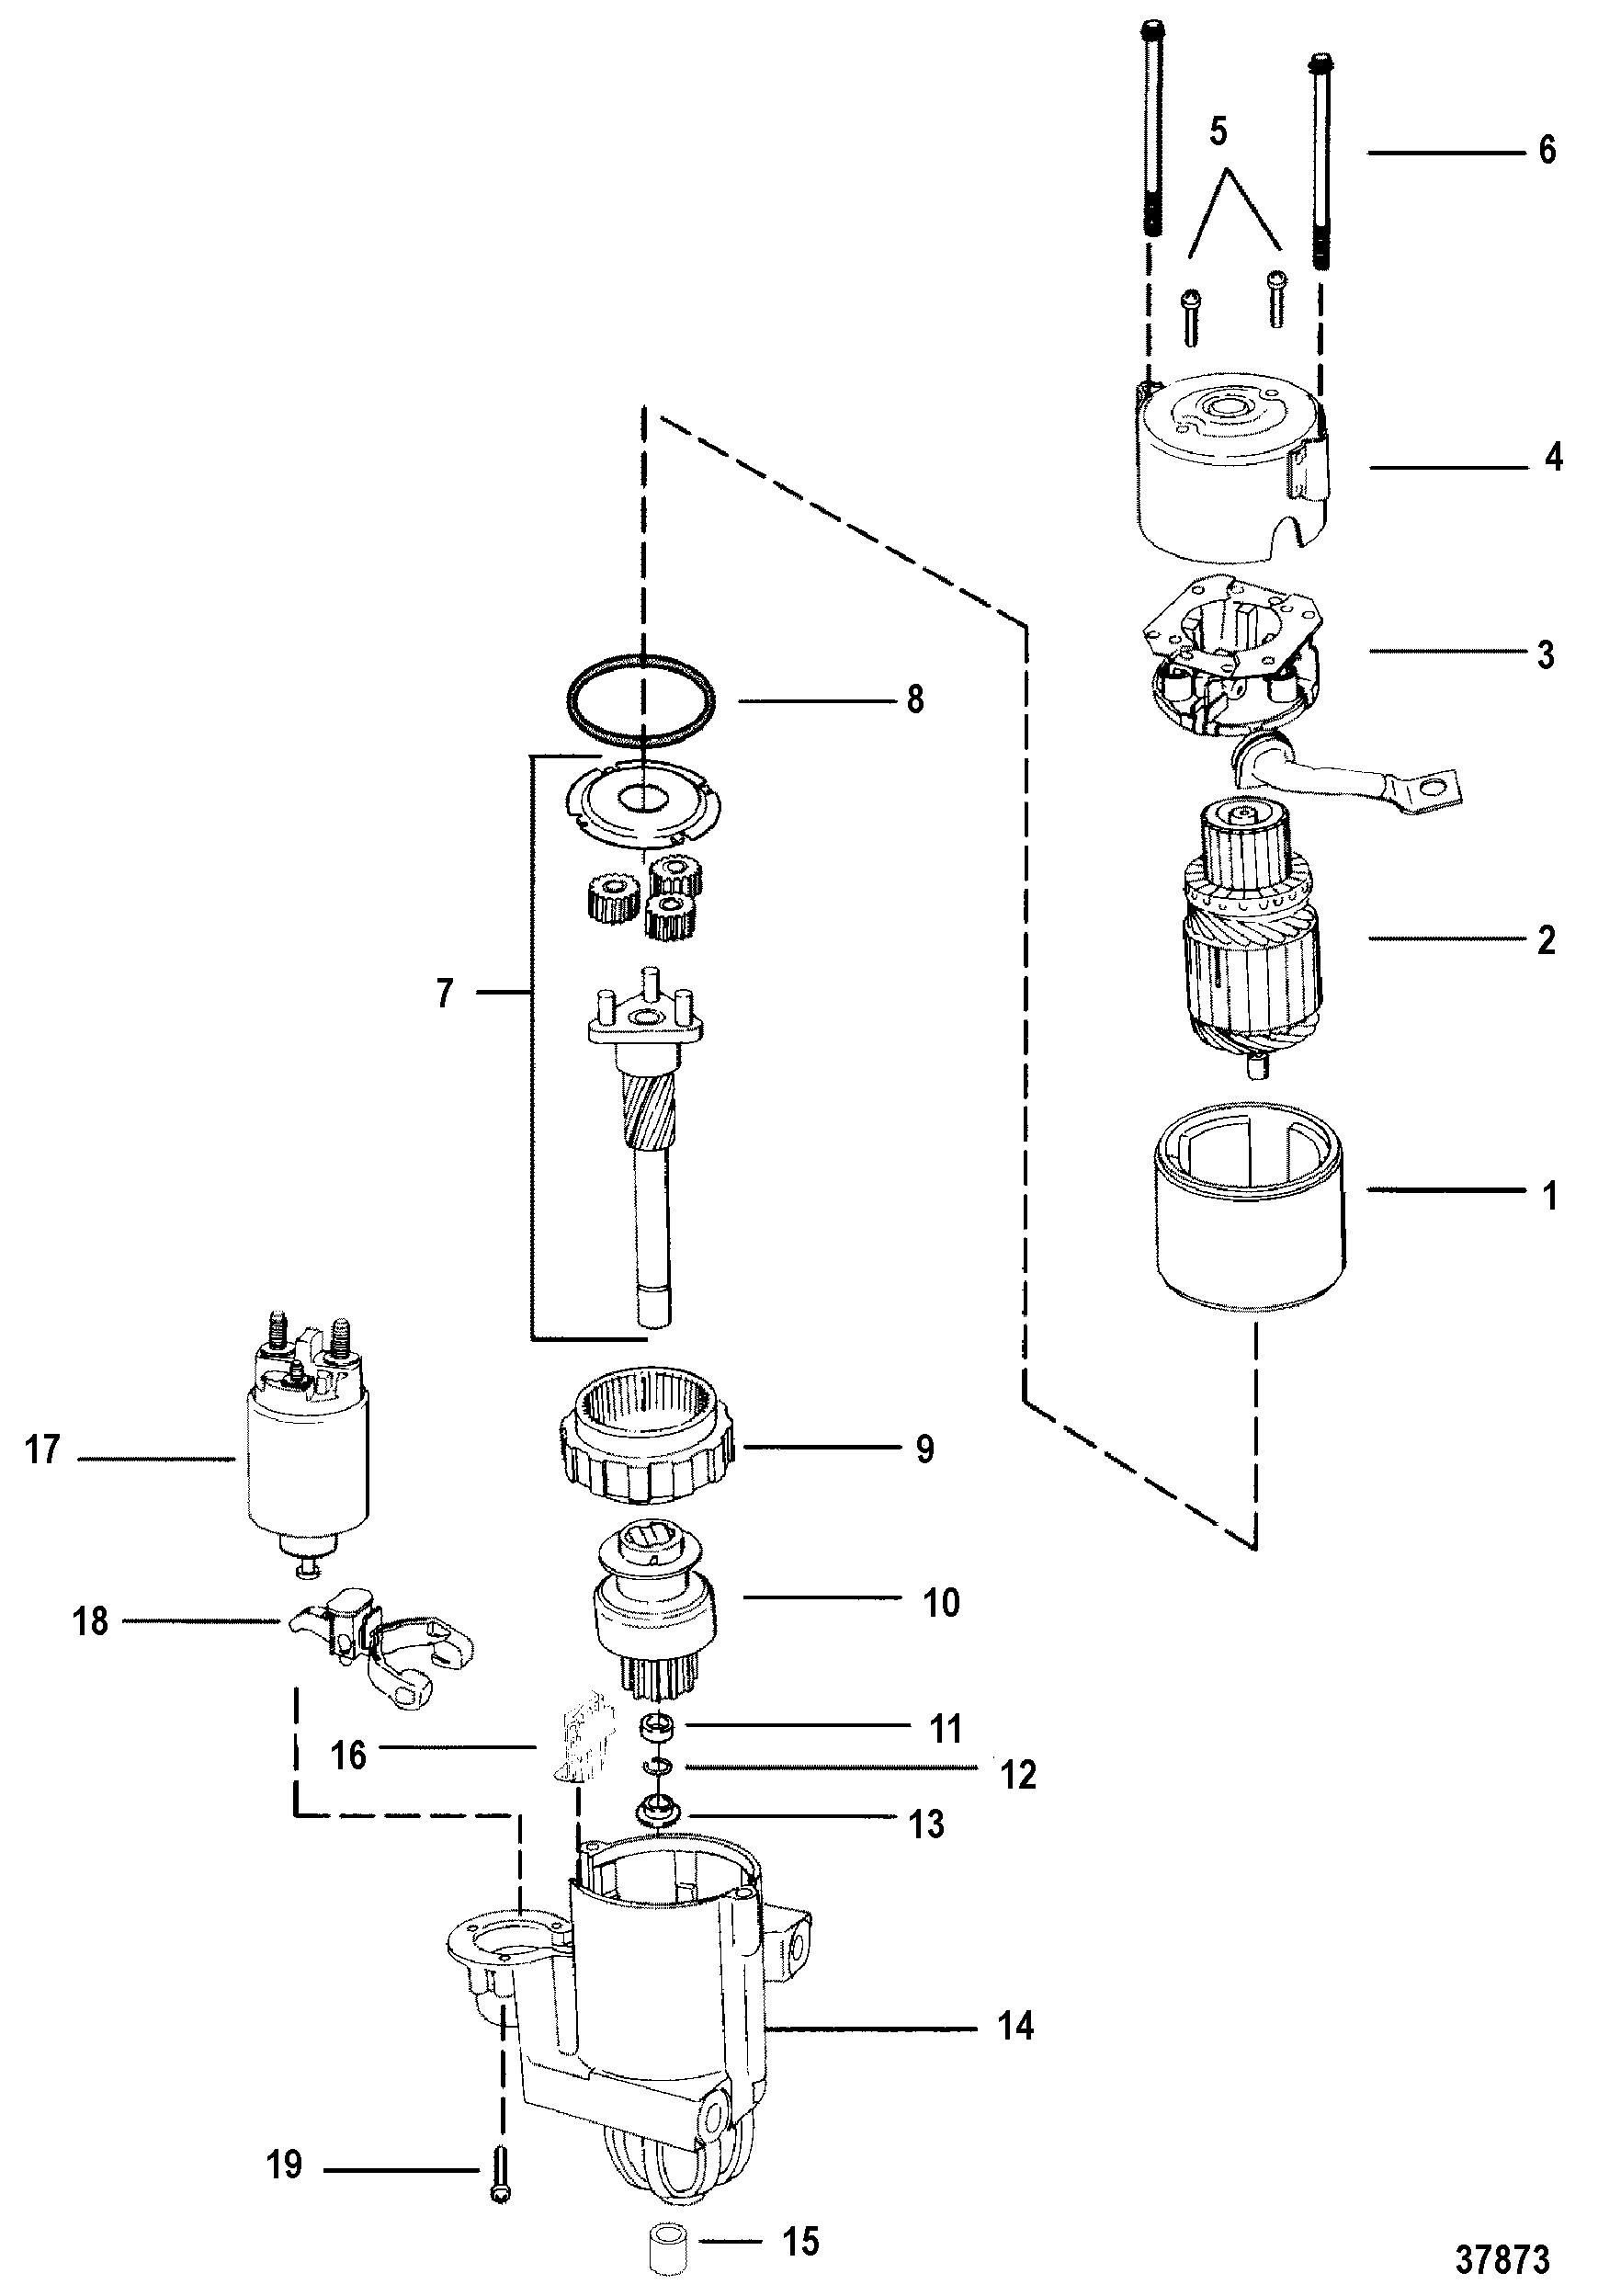 hight resolution of 3 liter mercruiser engine diagram starter motor for mercruiser 7 4l bravo i ii iii engine